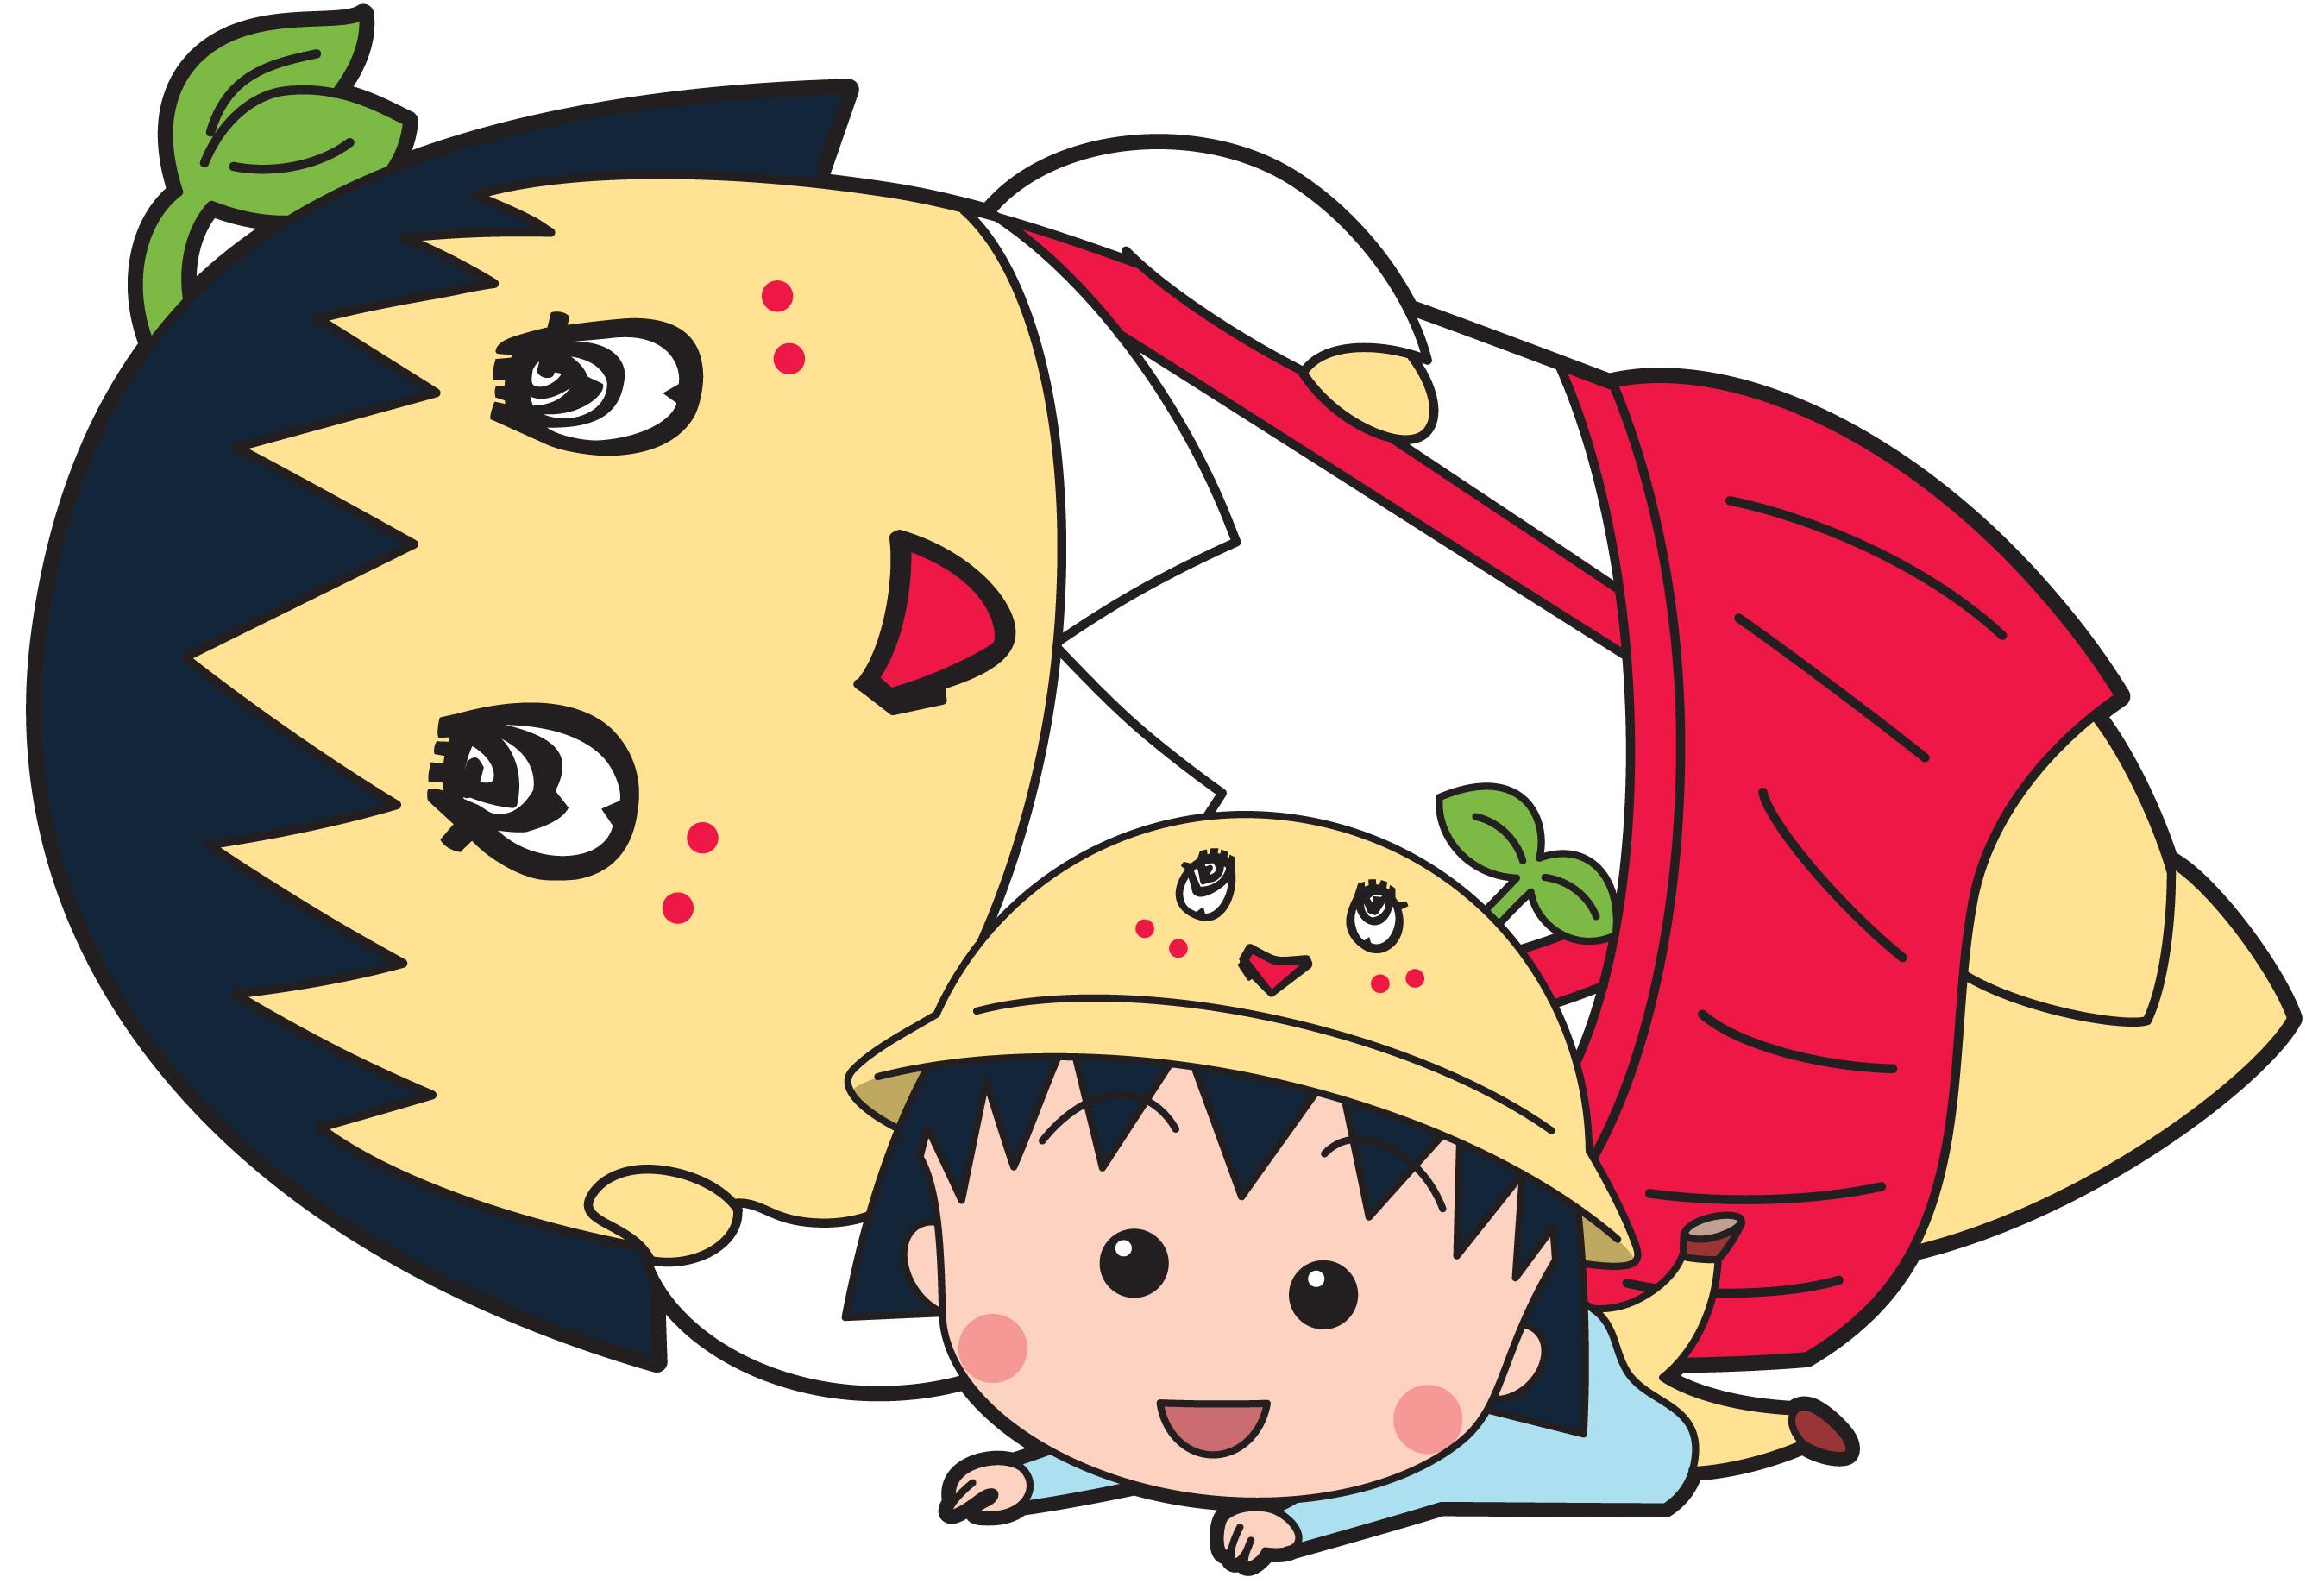 ちびまる子 ふなっしーのコラボグッズ発売 まる子の放送開始25周年